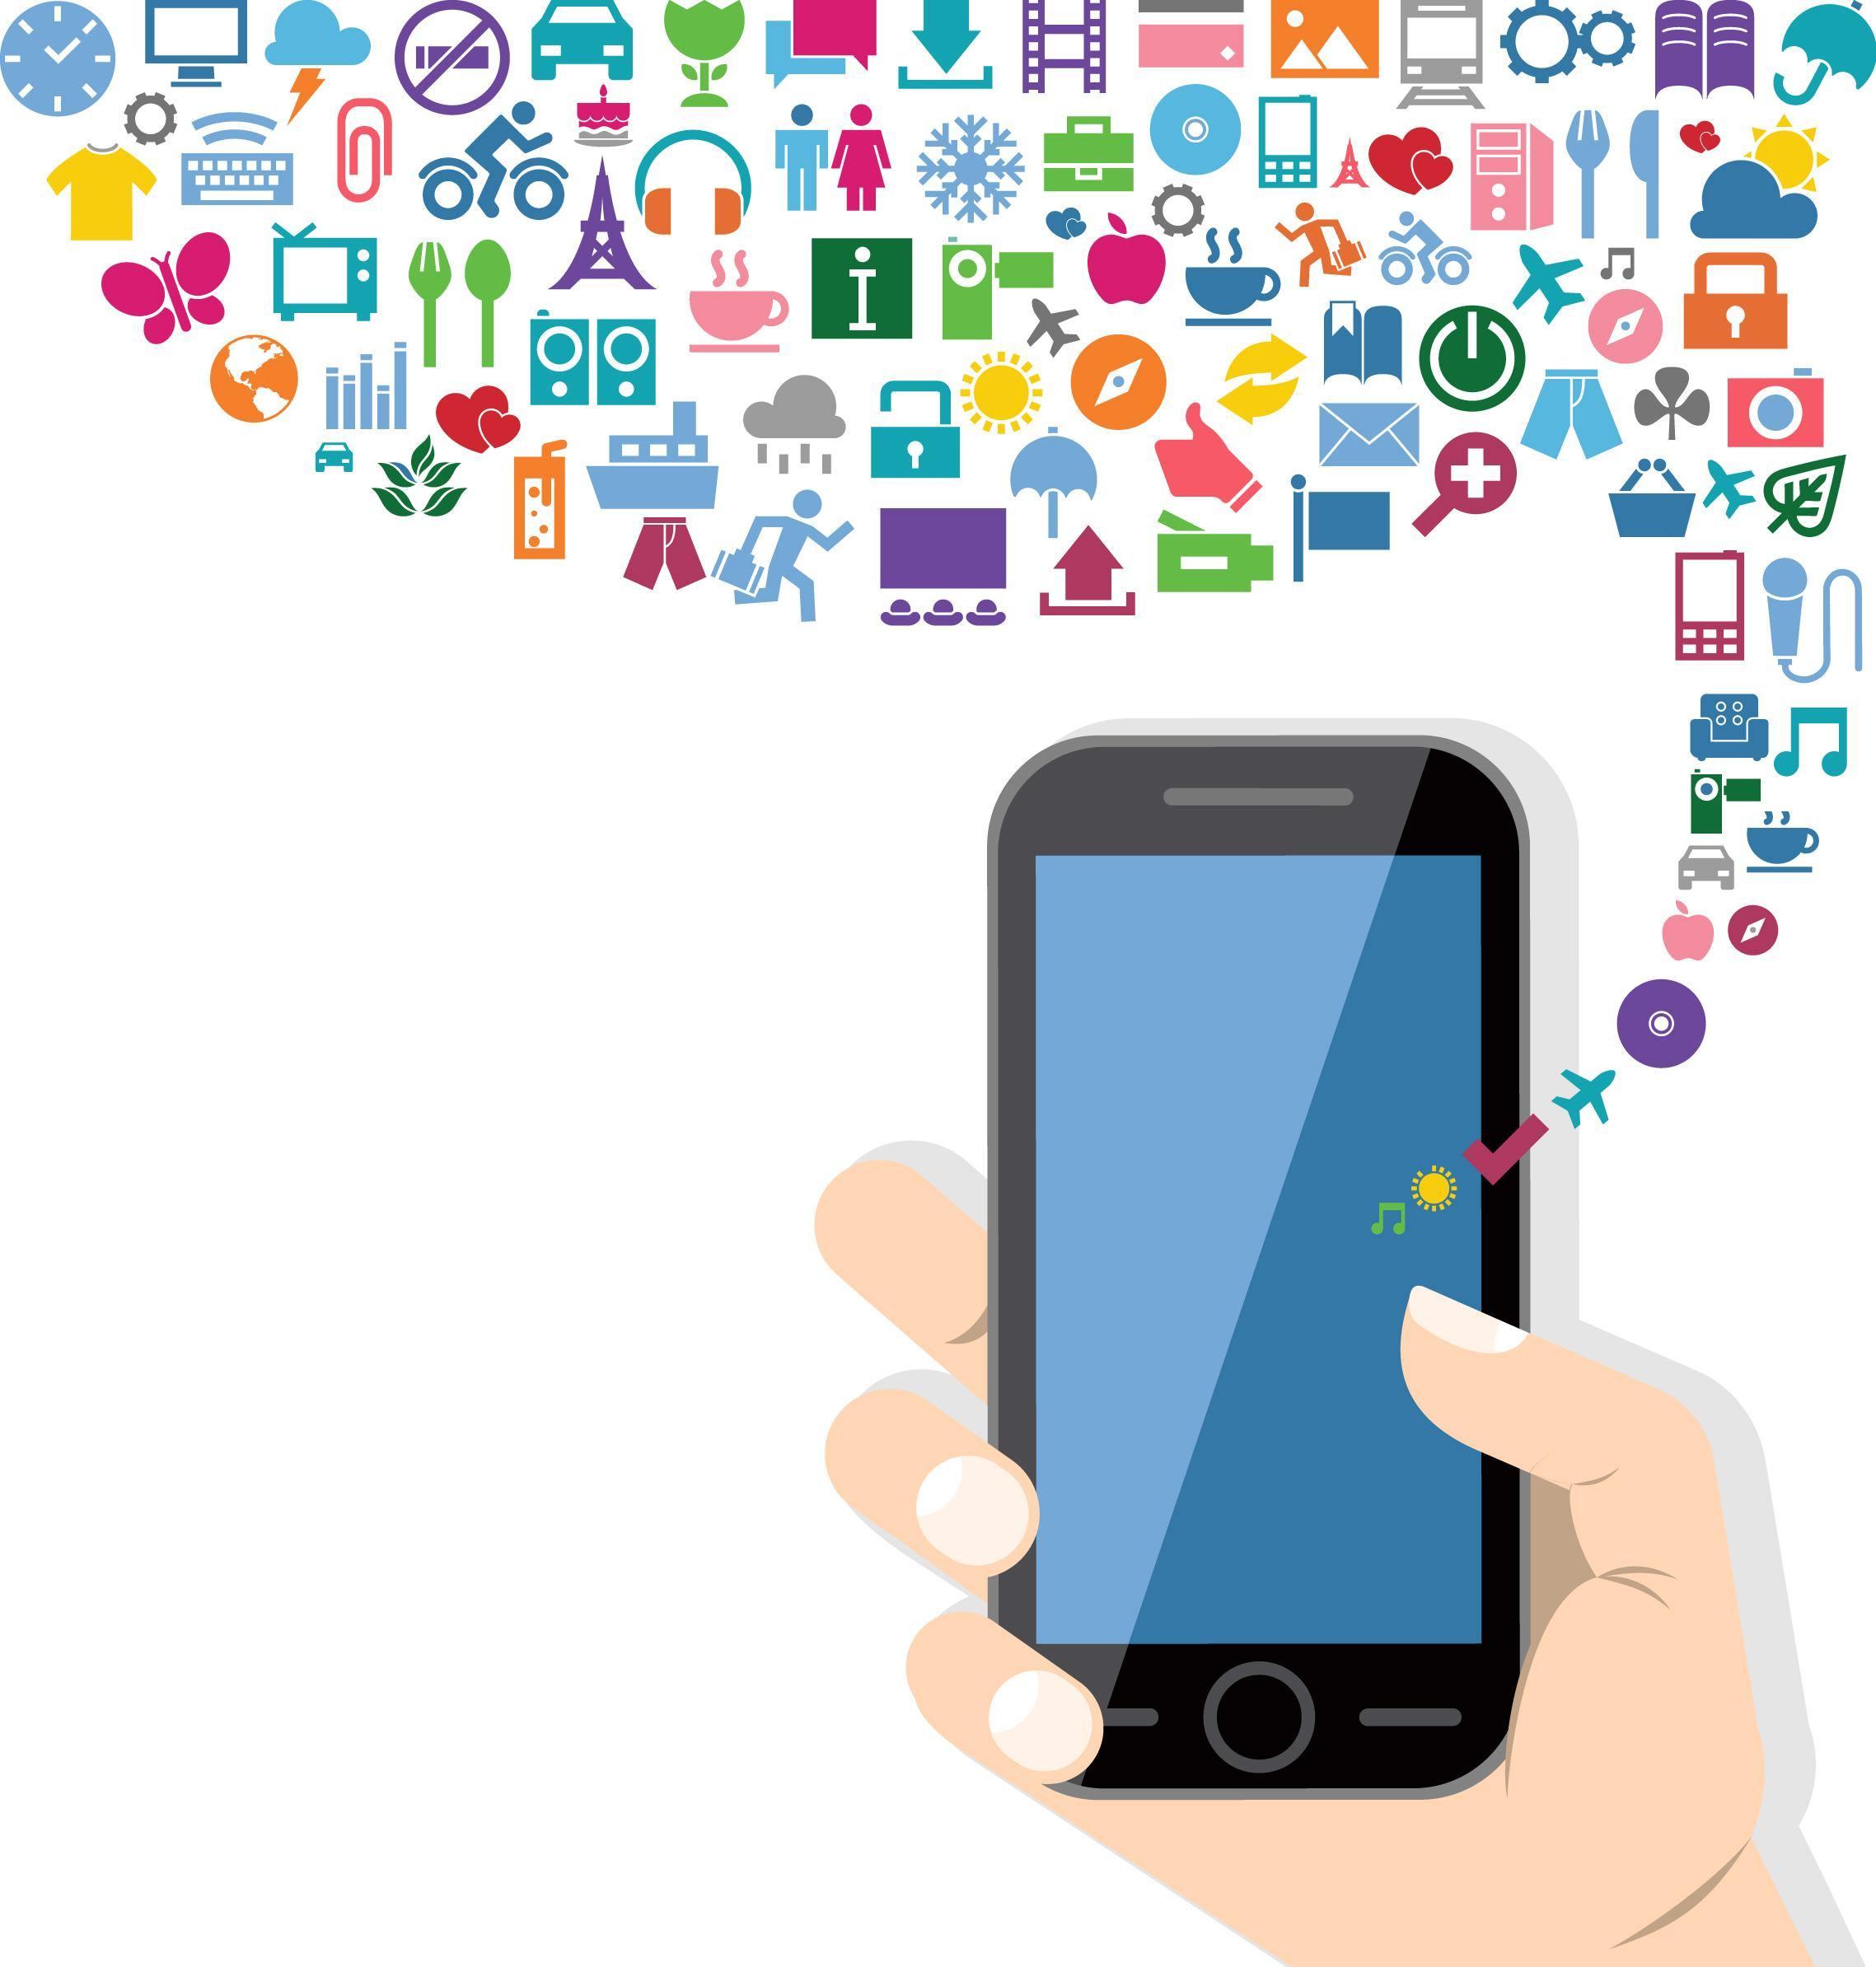 Integrando la tecnología y las Apps a nuestro día a día